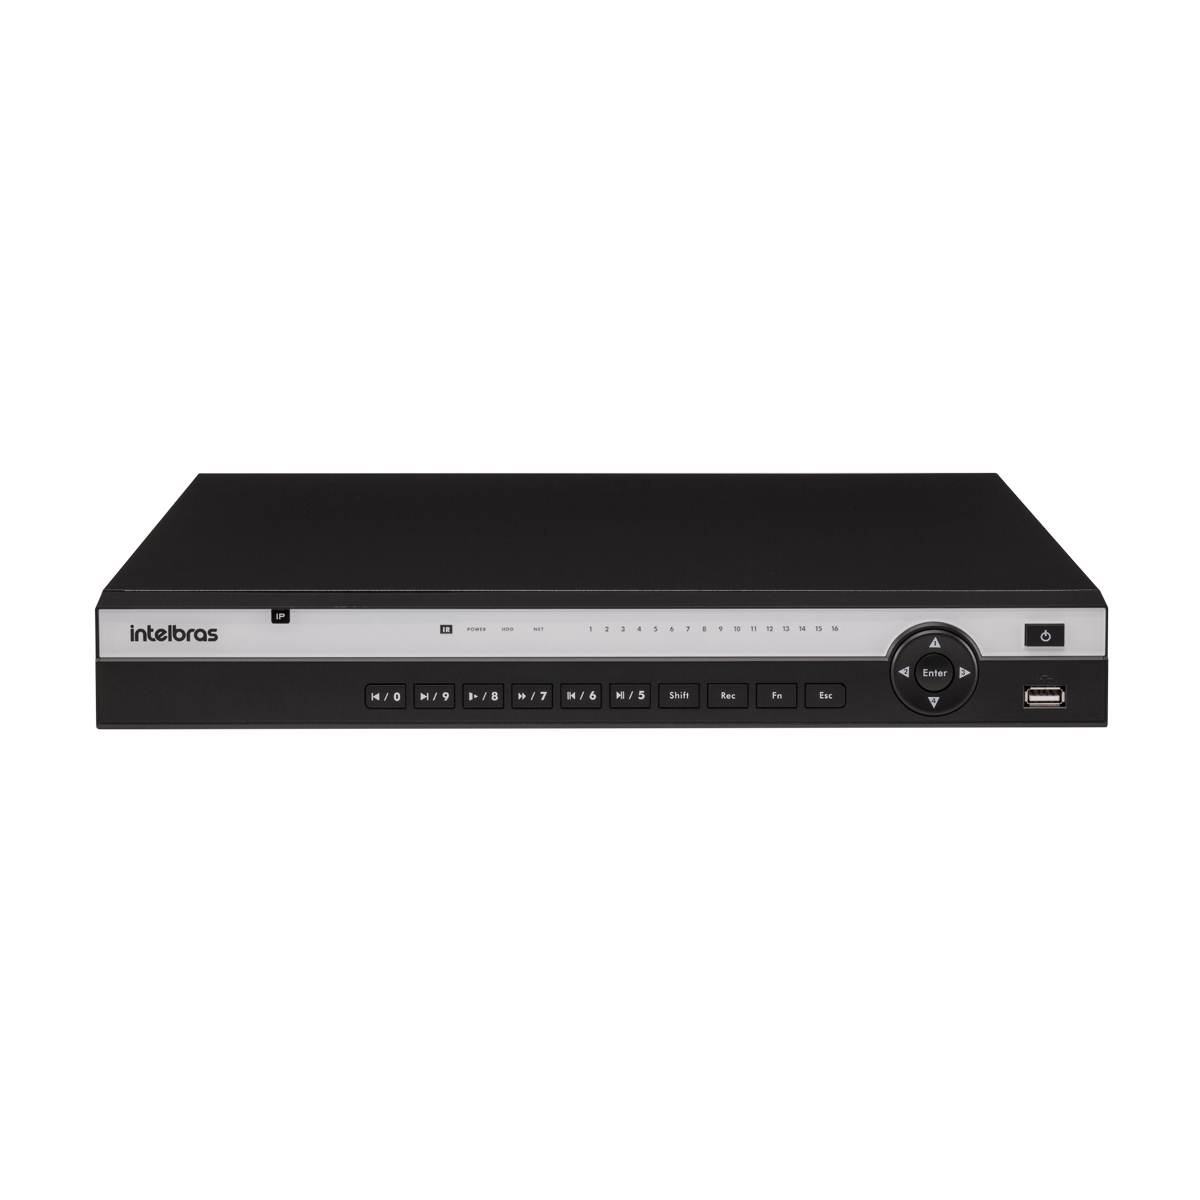 NVD 3116 COM HD 4TB - GRAV. DIG. DE VÍDEO EM REDE PARA ATÉ 16 CANAIS IP EM FULL HD @ 30 FPS, INTELIGÊNCIA DE VÍDEO EM TODOS OS CANAIS, H.265, SUPORTE PARA 2HDS E SUPORTA CÂMERAS COM RESOLUÇÃO 4K - PRO  - Sandercomp Virtual